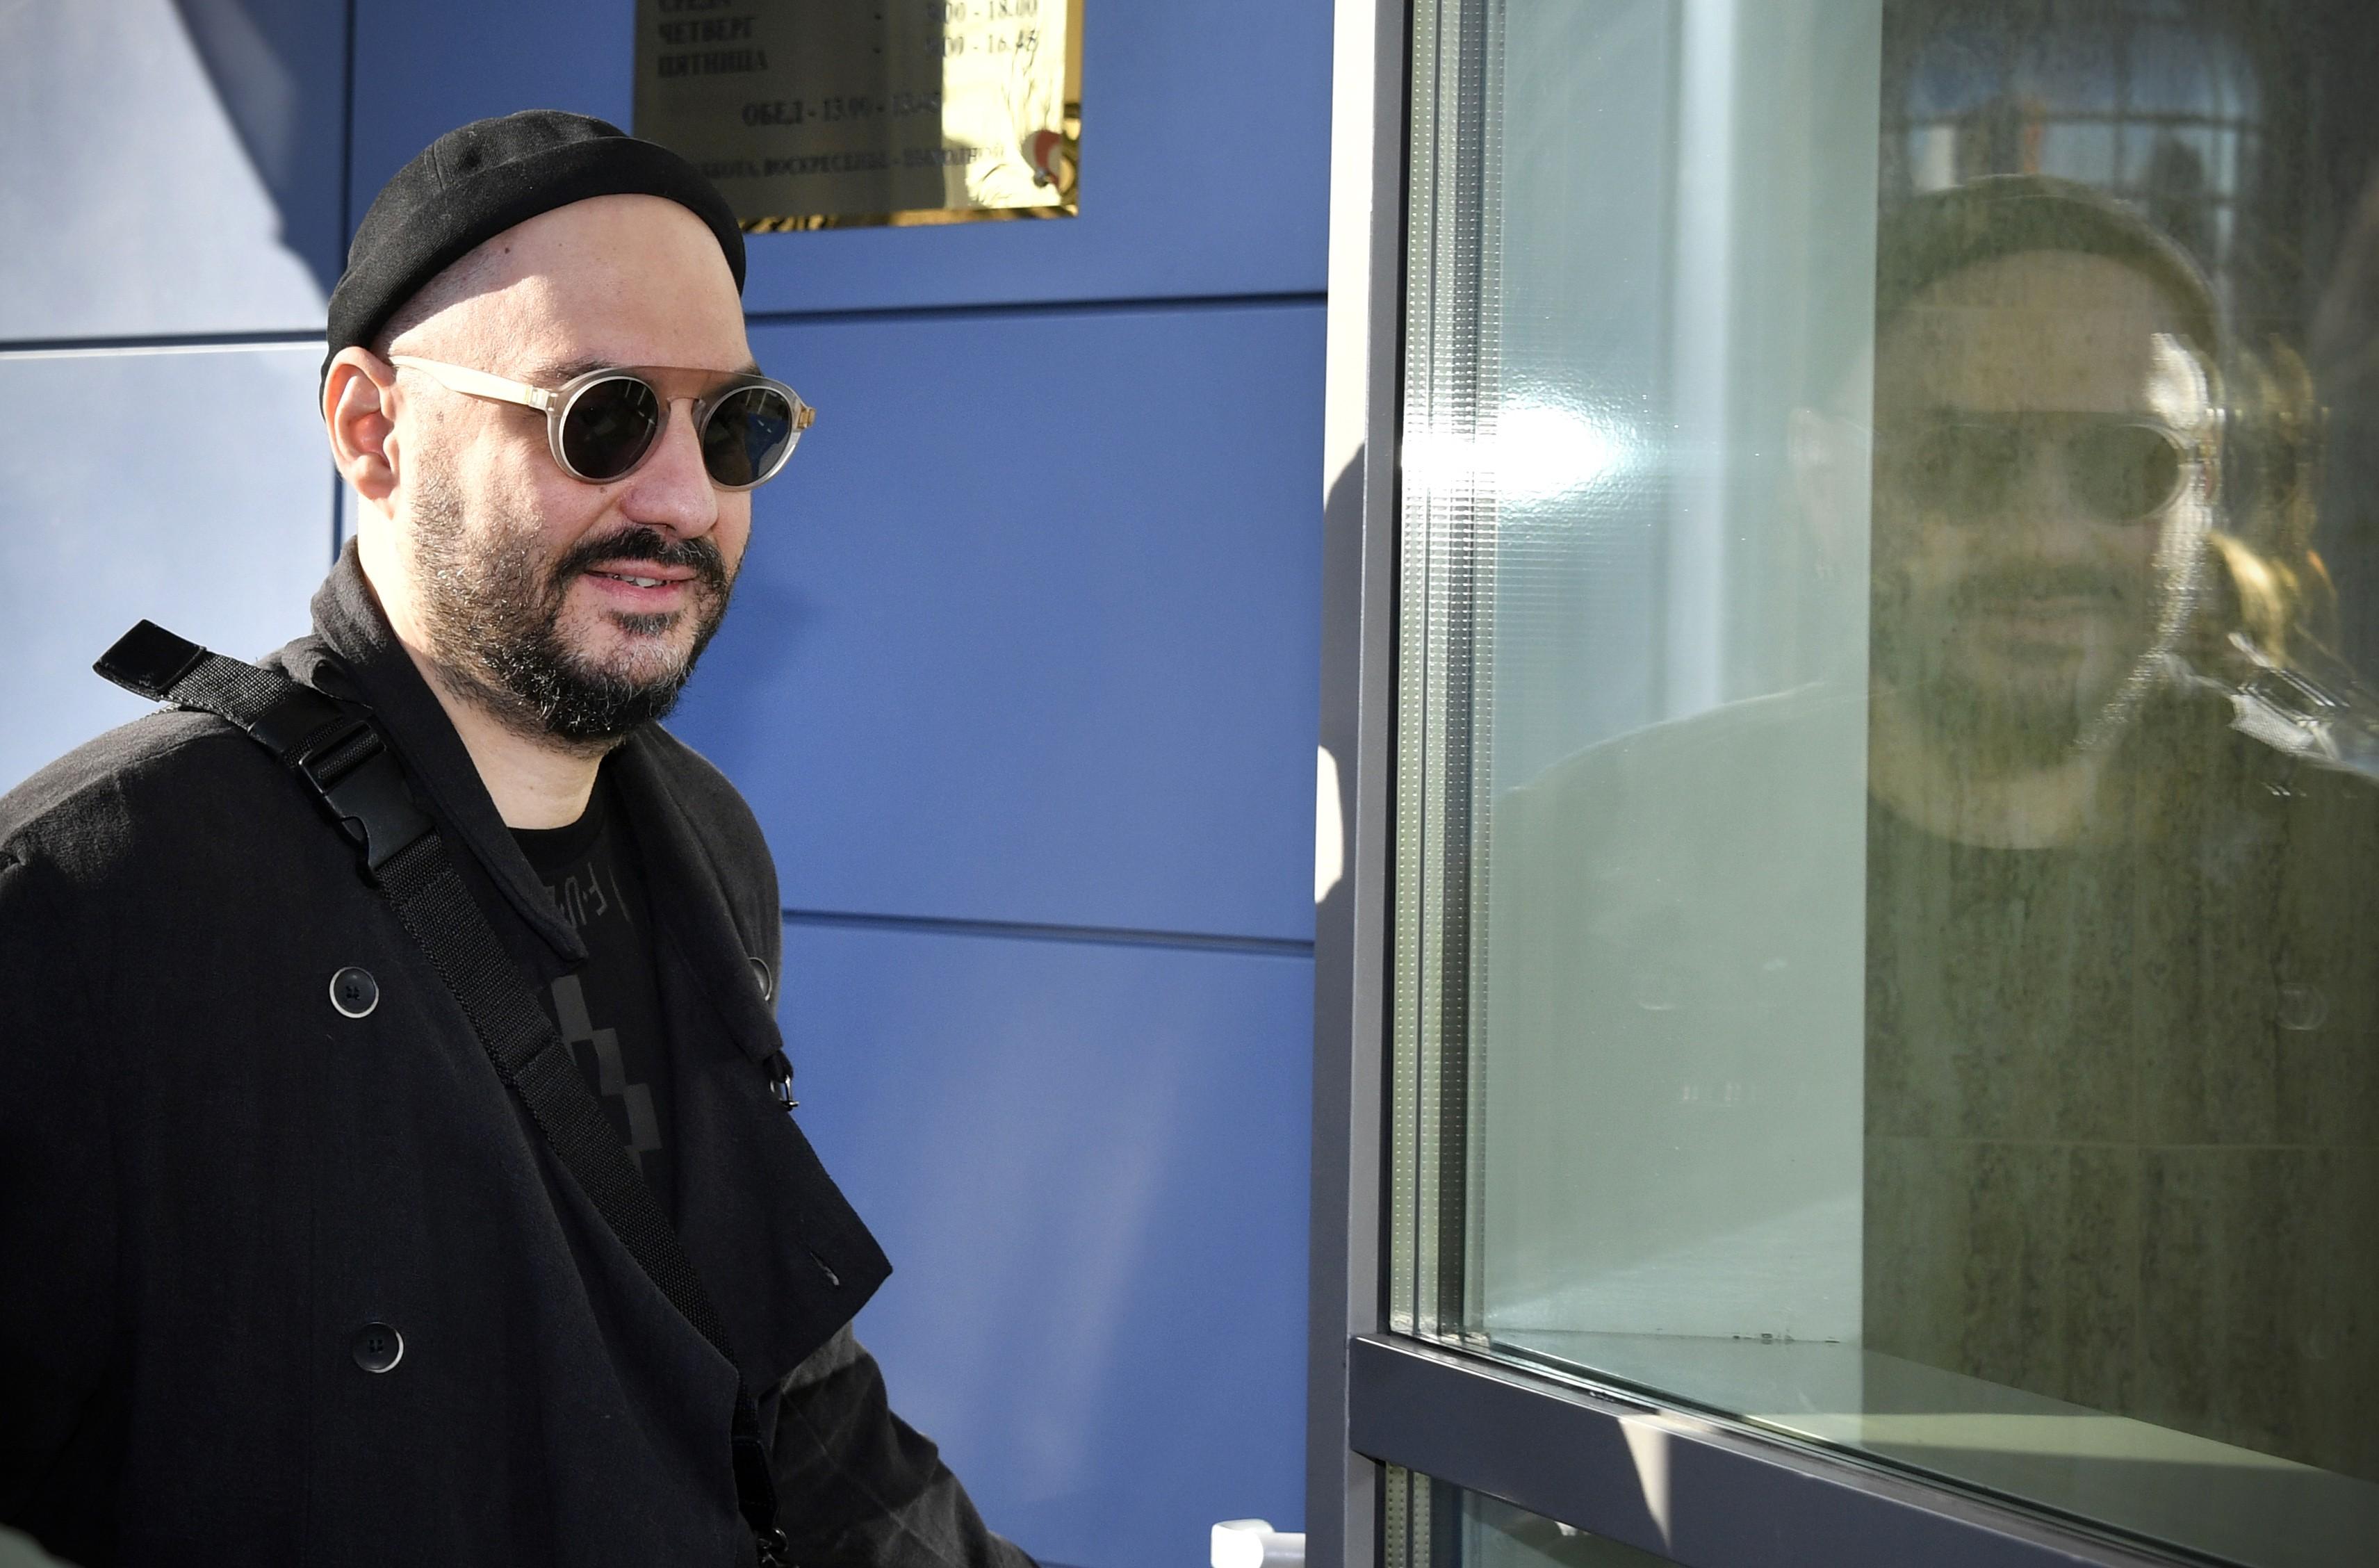 Kirill Serebrennikov começa a ser julgado na Rússia após acusação de desvio de recursos